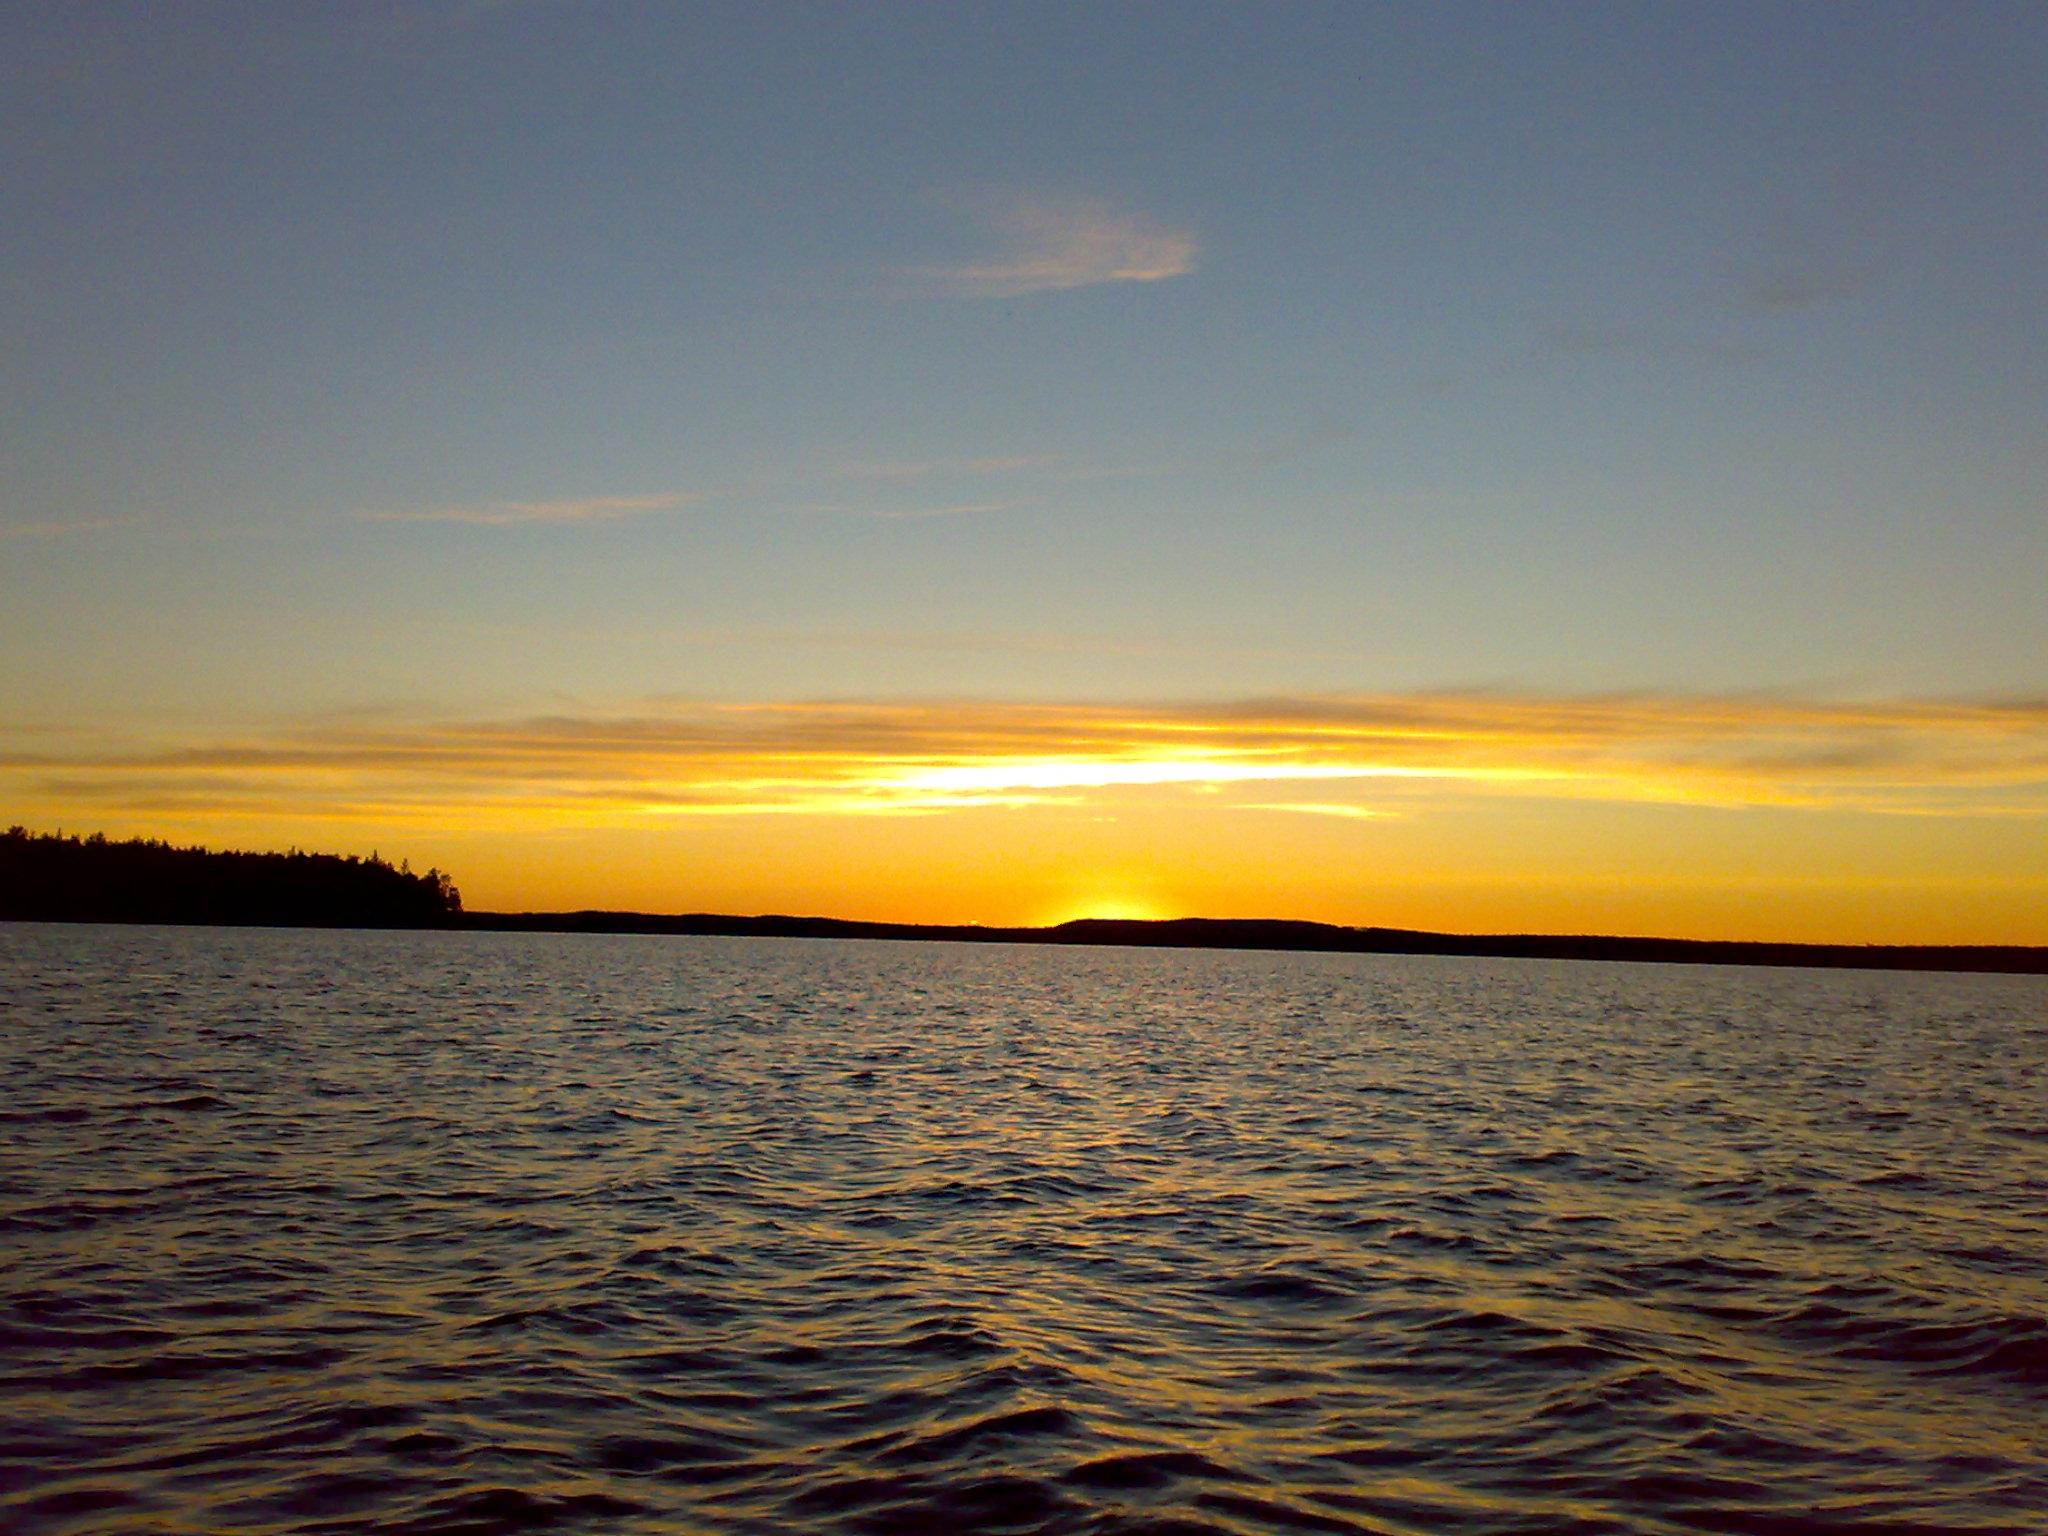 Мощный закат над озером в карелии